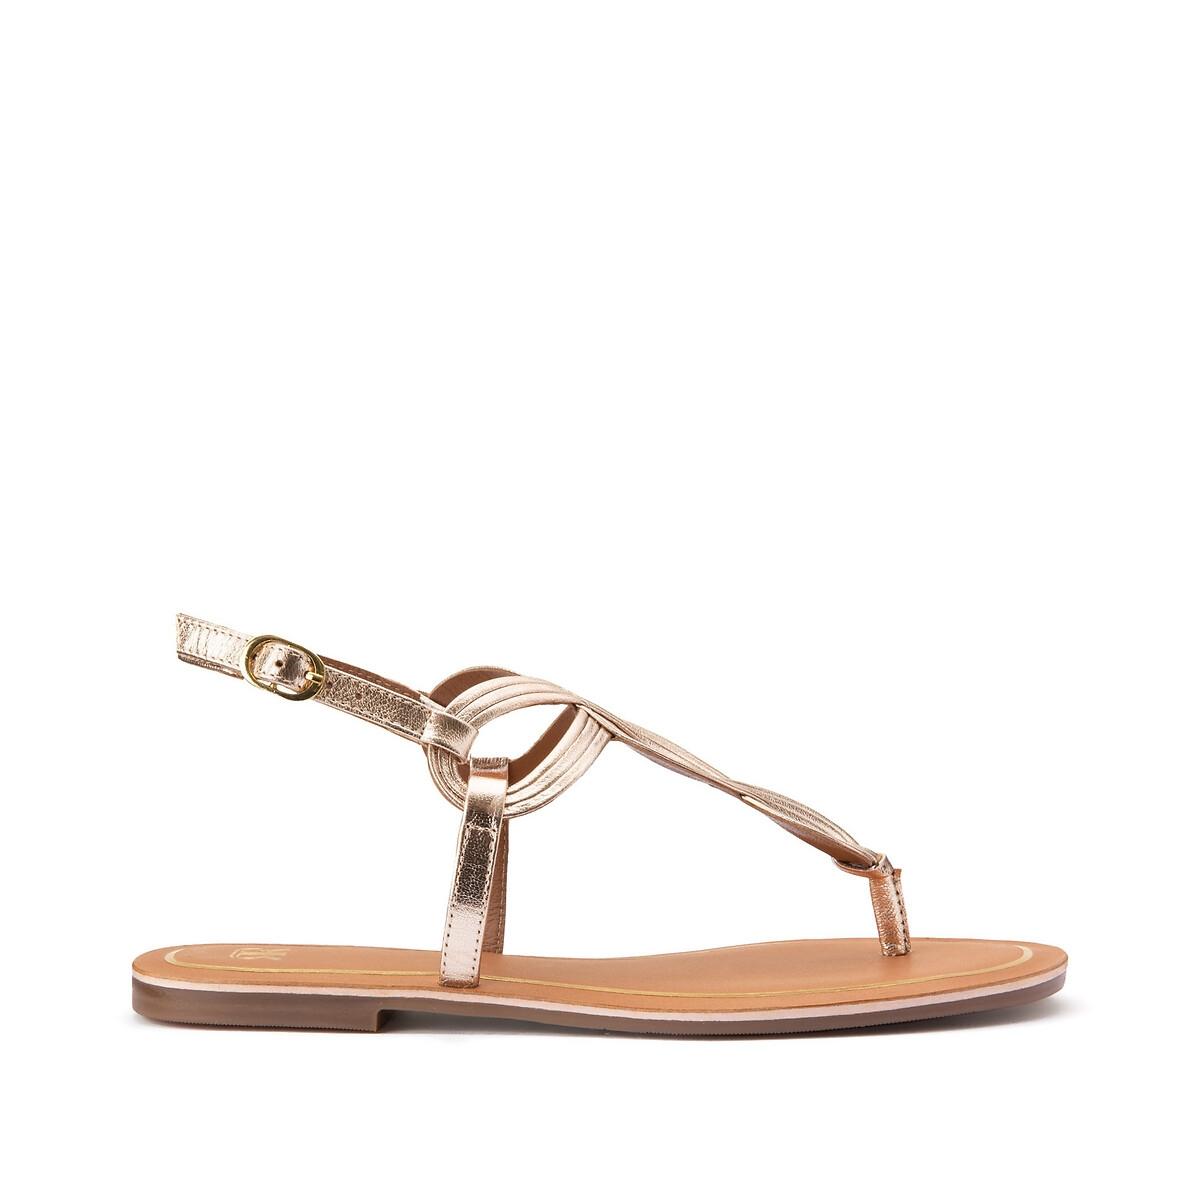 Фото - Сандалии LaRedoute Кожаные на плоском каблуке 37 золотистый балетки laredoute на плоском каблуке с рисунком под кожу питона 37 каштановый